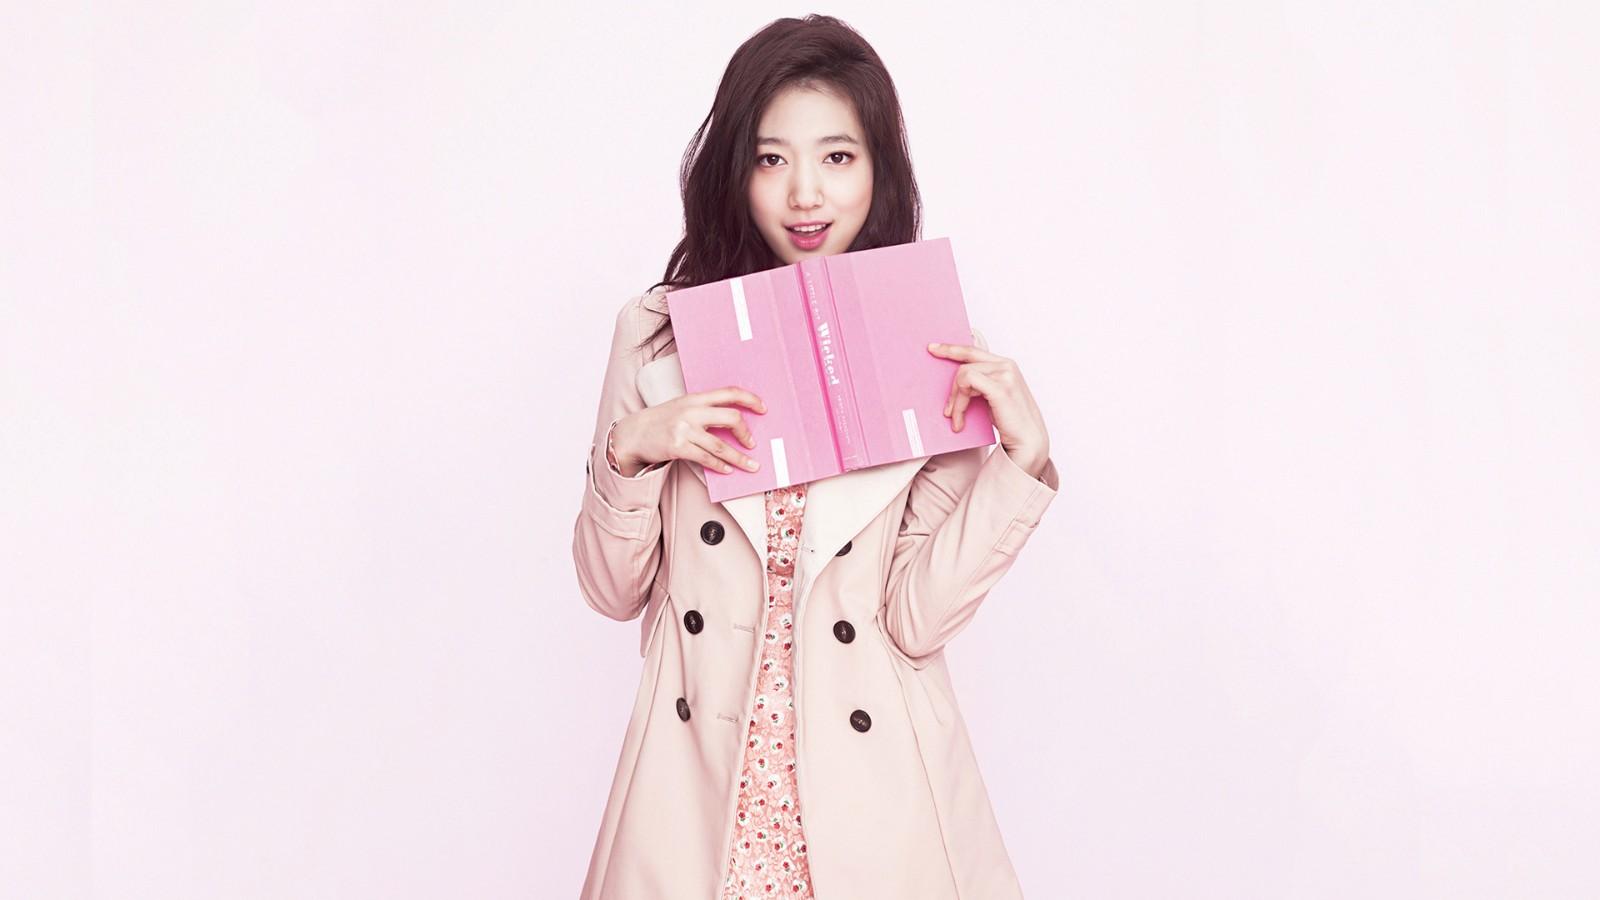 朴信惠,日韩明星写真,进击的韩流,美女桌面壁纸